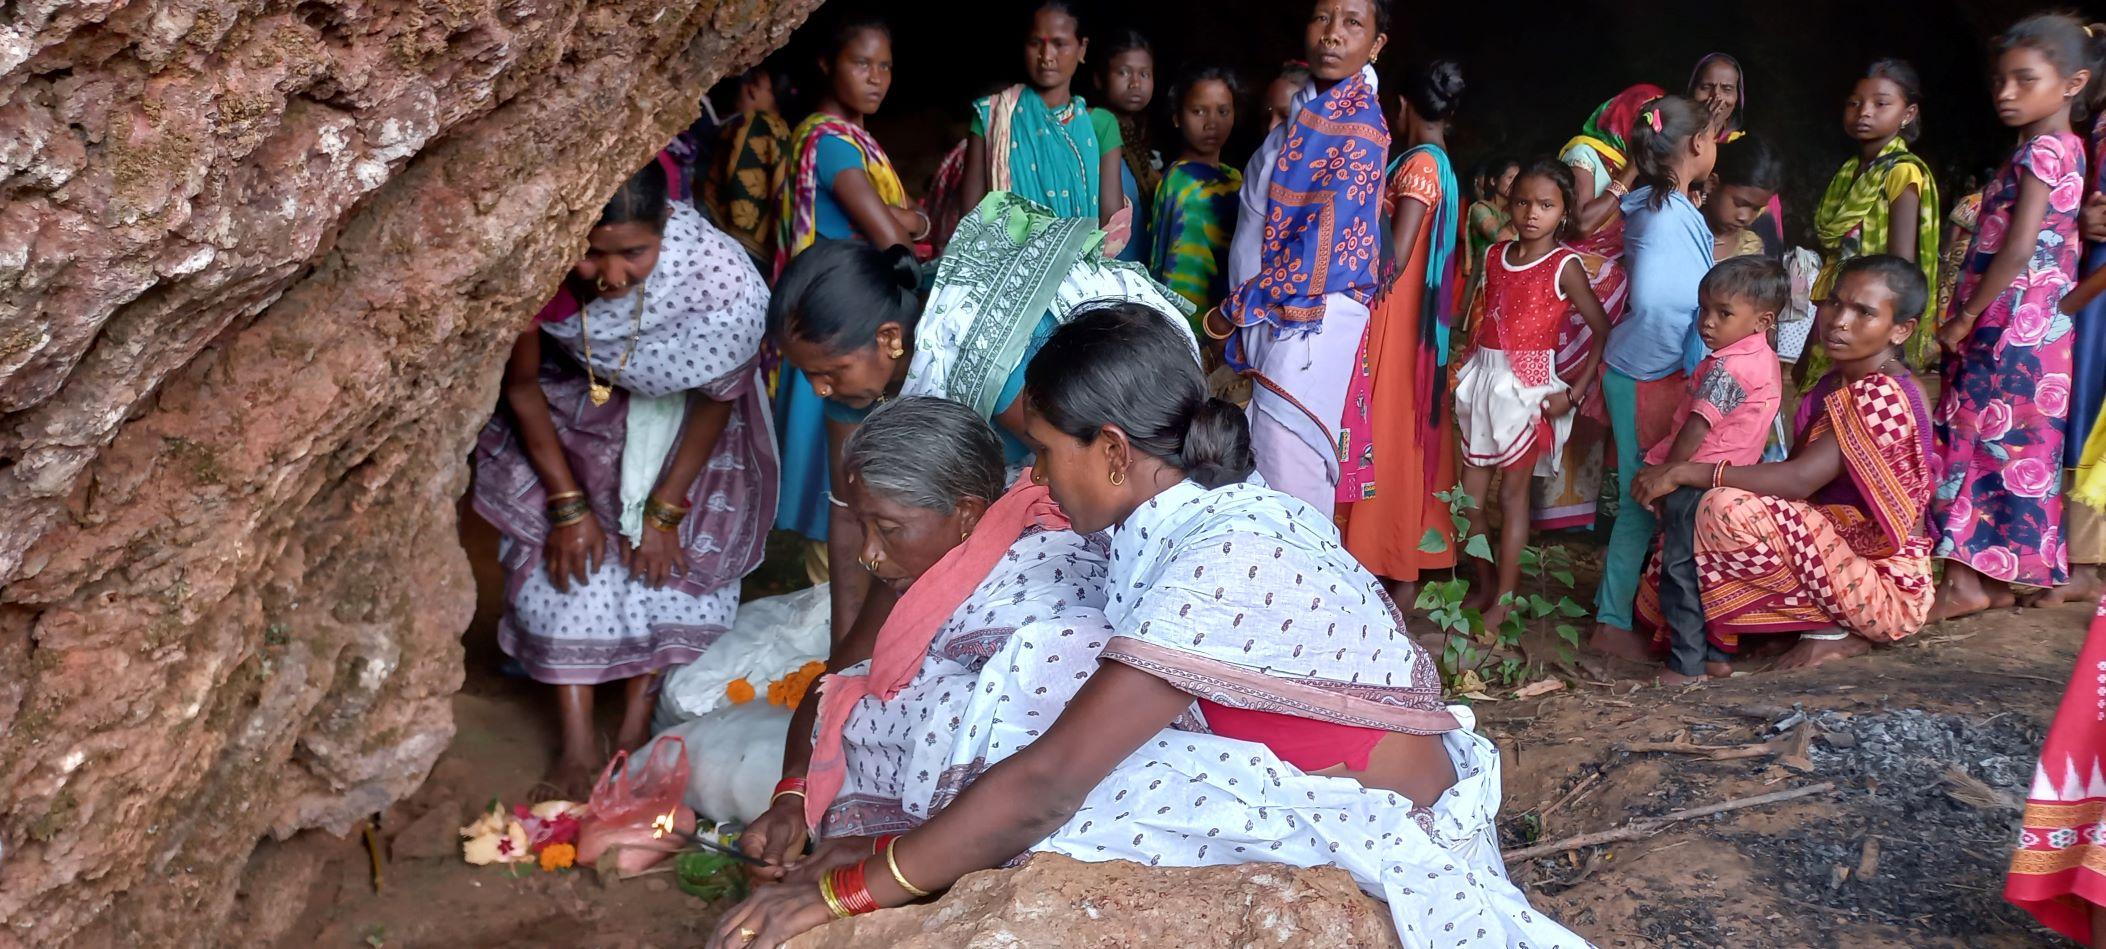 माली पहाड़ पर पाकुली देवी की पूजा करती आदिवासी स्त्रियां.